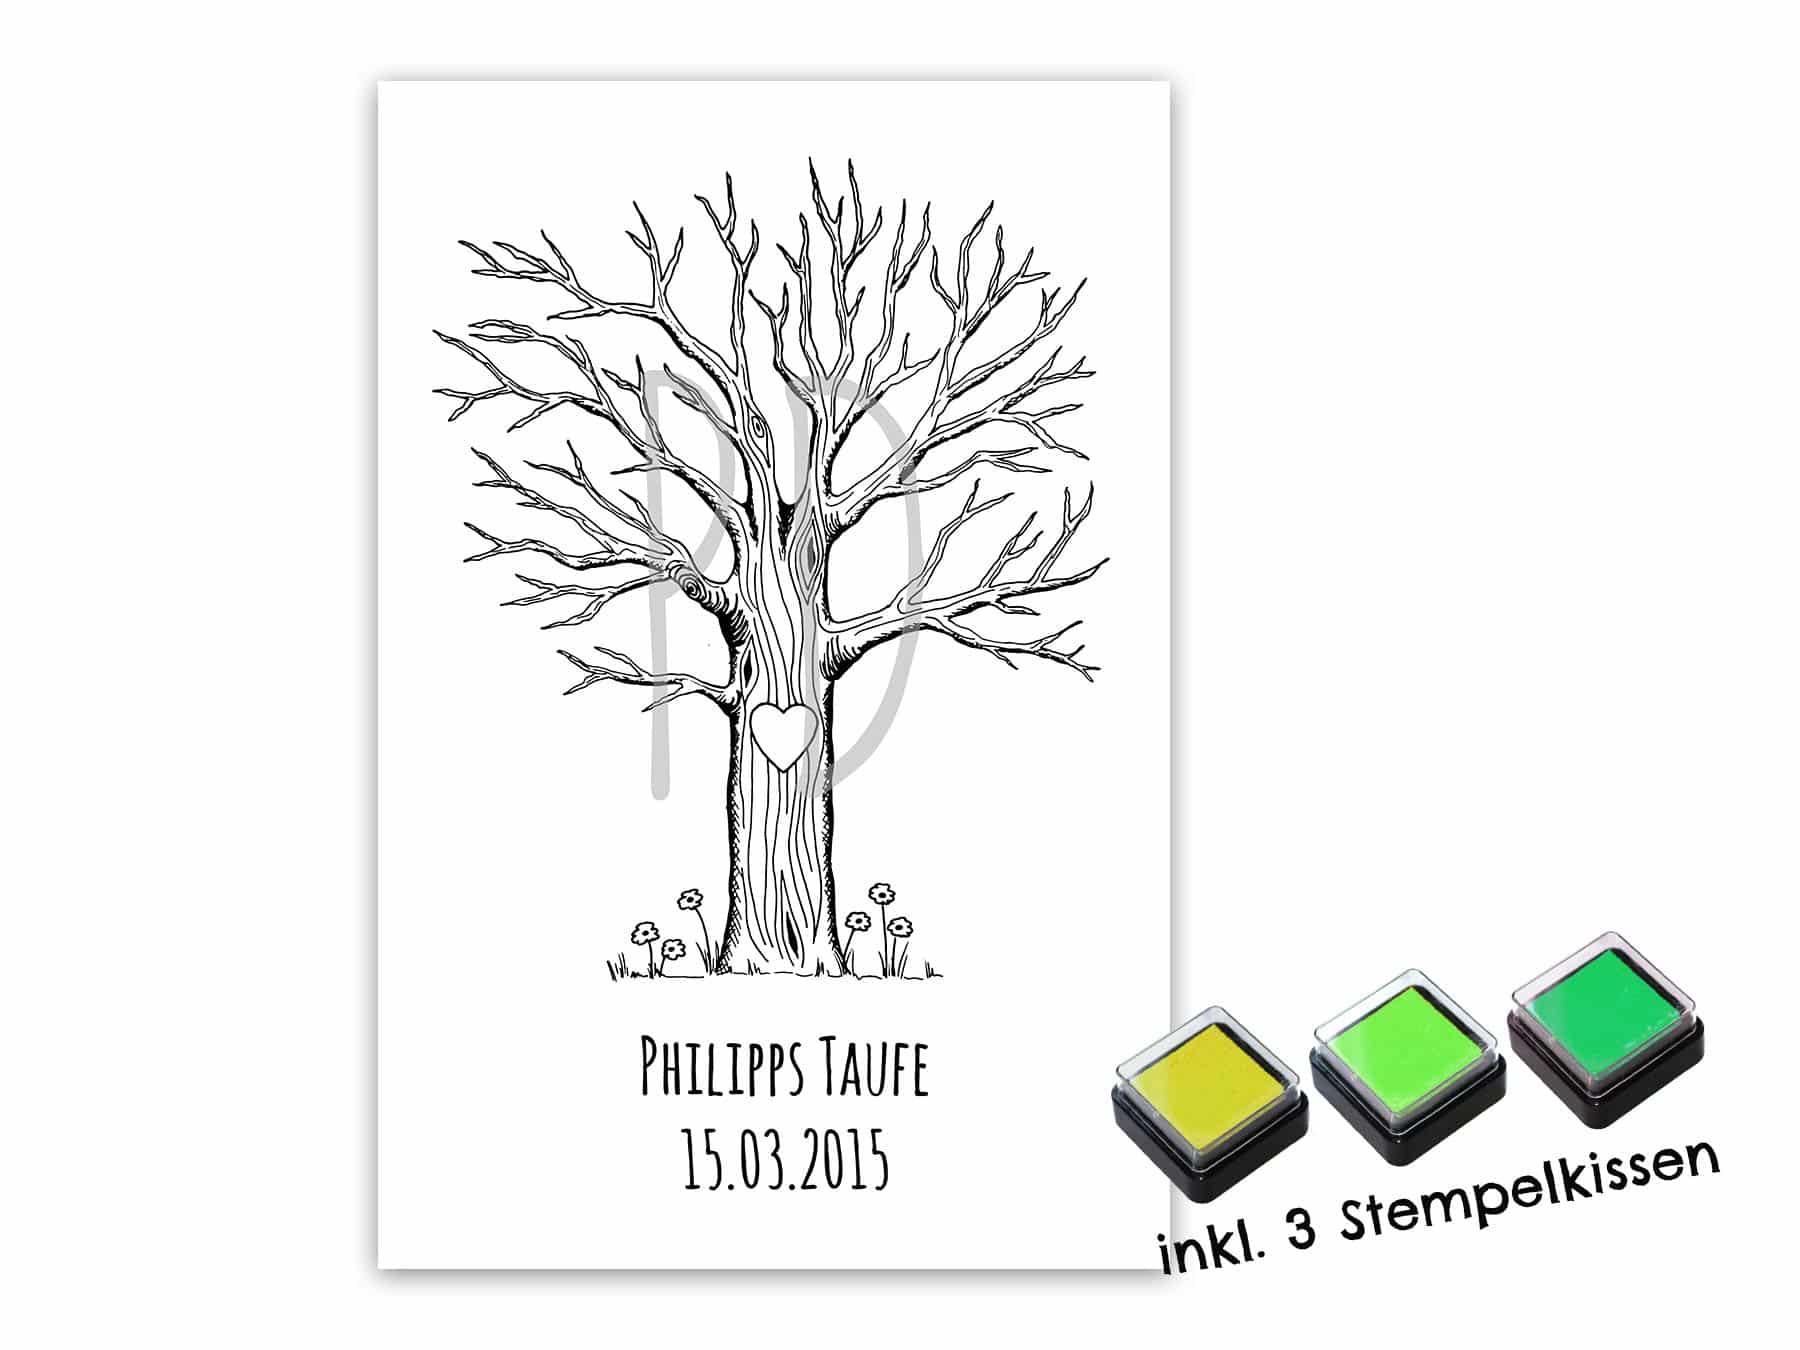 Fingerabdruck Gästebuch Baum Für Deine Taufe Und Kommunion Personalisierter Baum Mit Stempelkissen Individuell Gästebaum Motiv Baum Groß